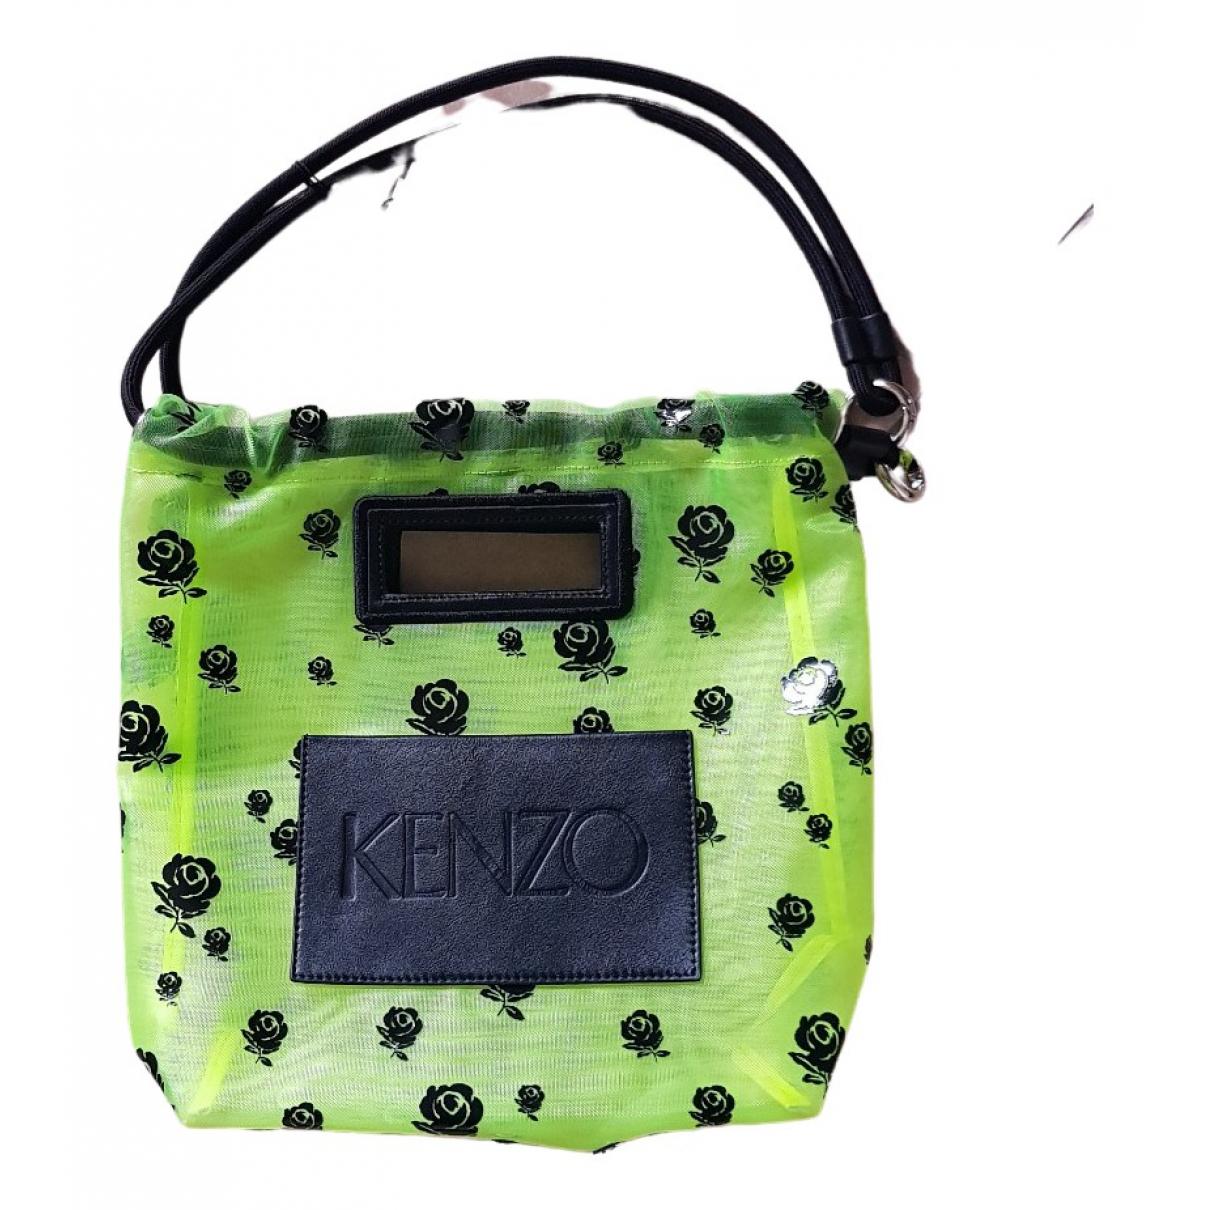 Kenzo \N Handtasche in  Gelb Synthetik